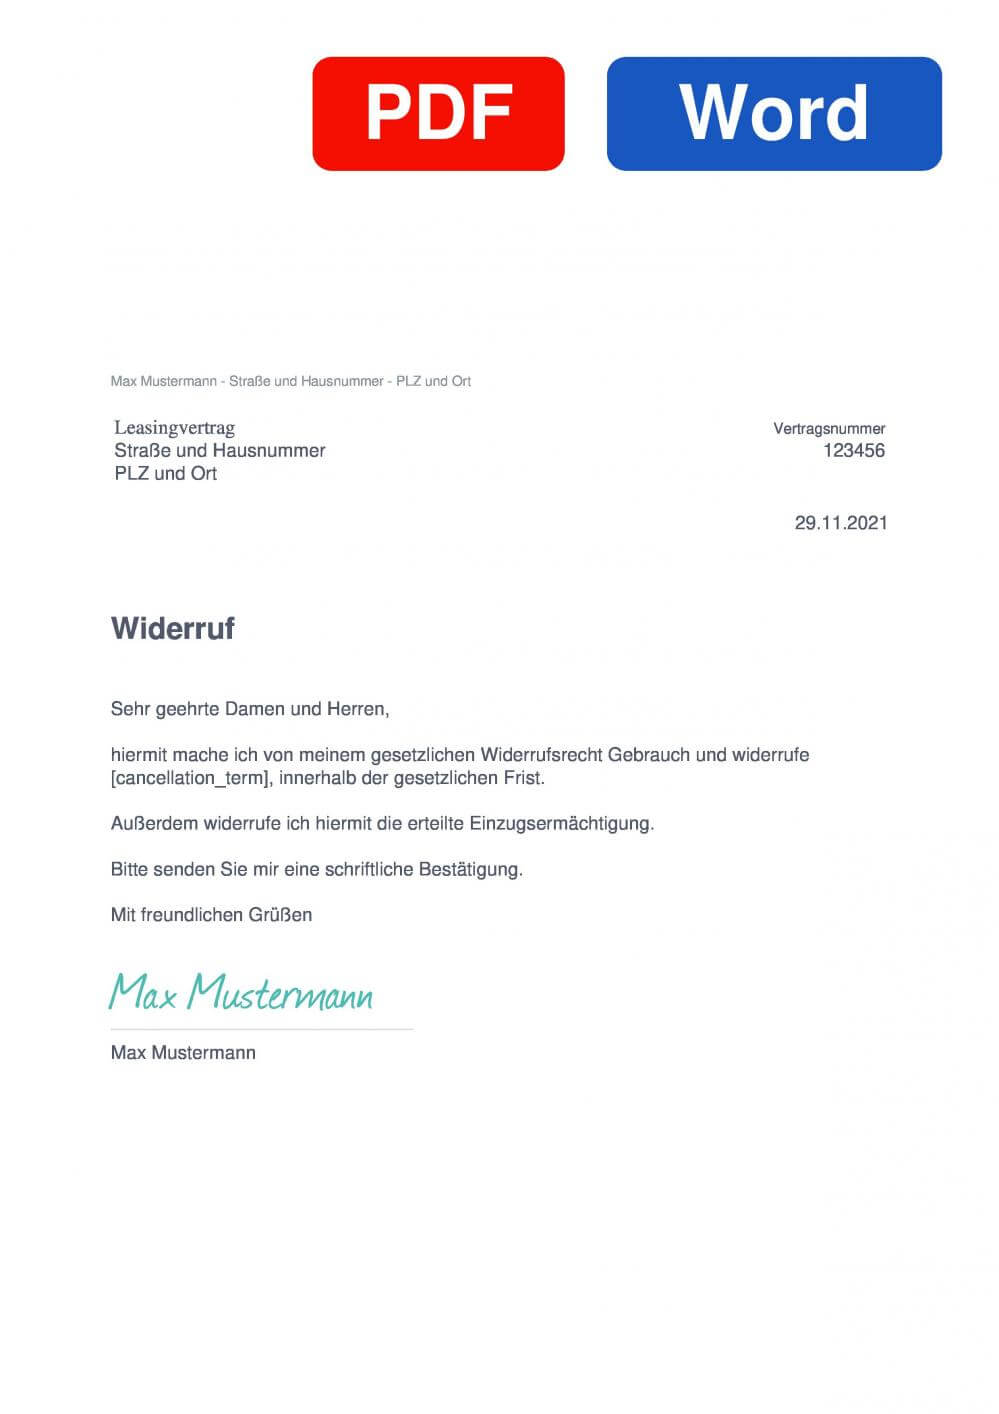 Leasingvertrag Muster Vorlage für Wiederrufsschreiben